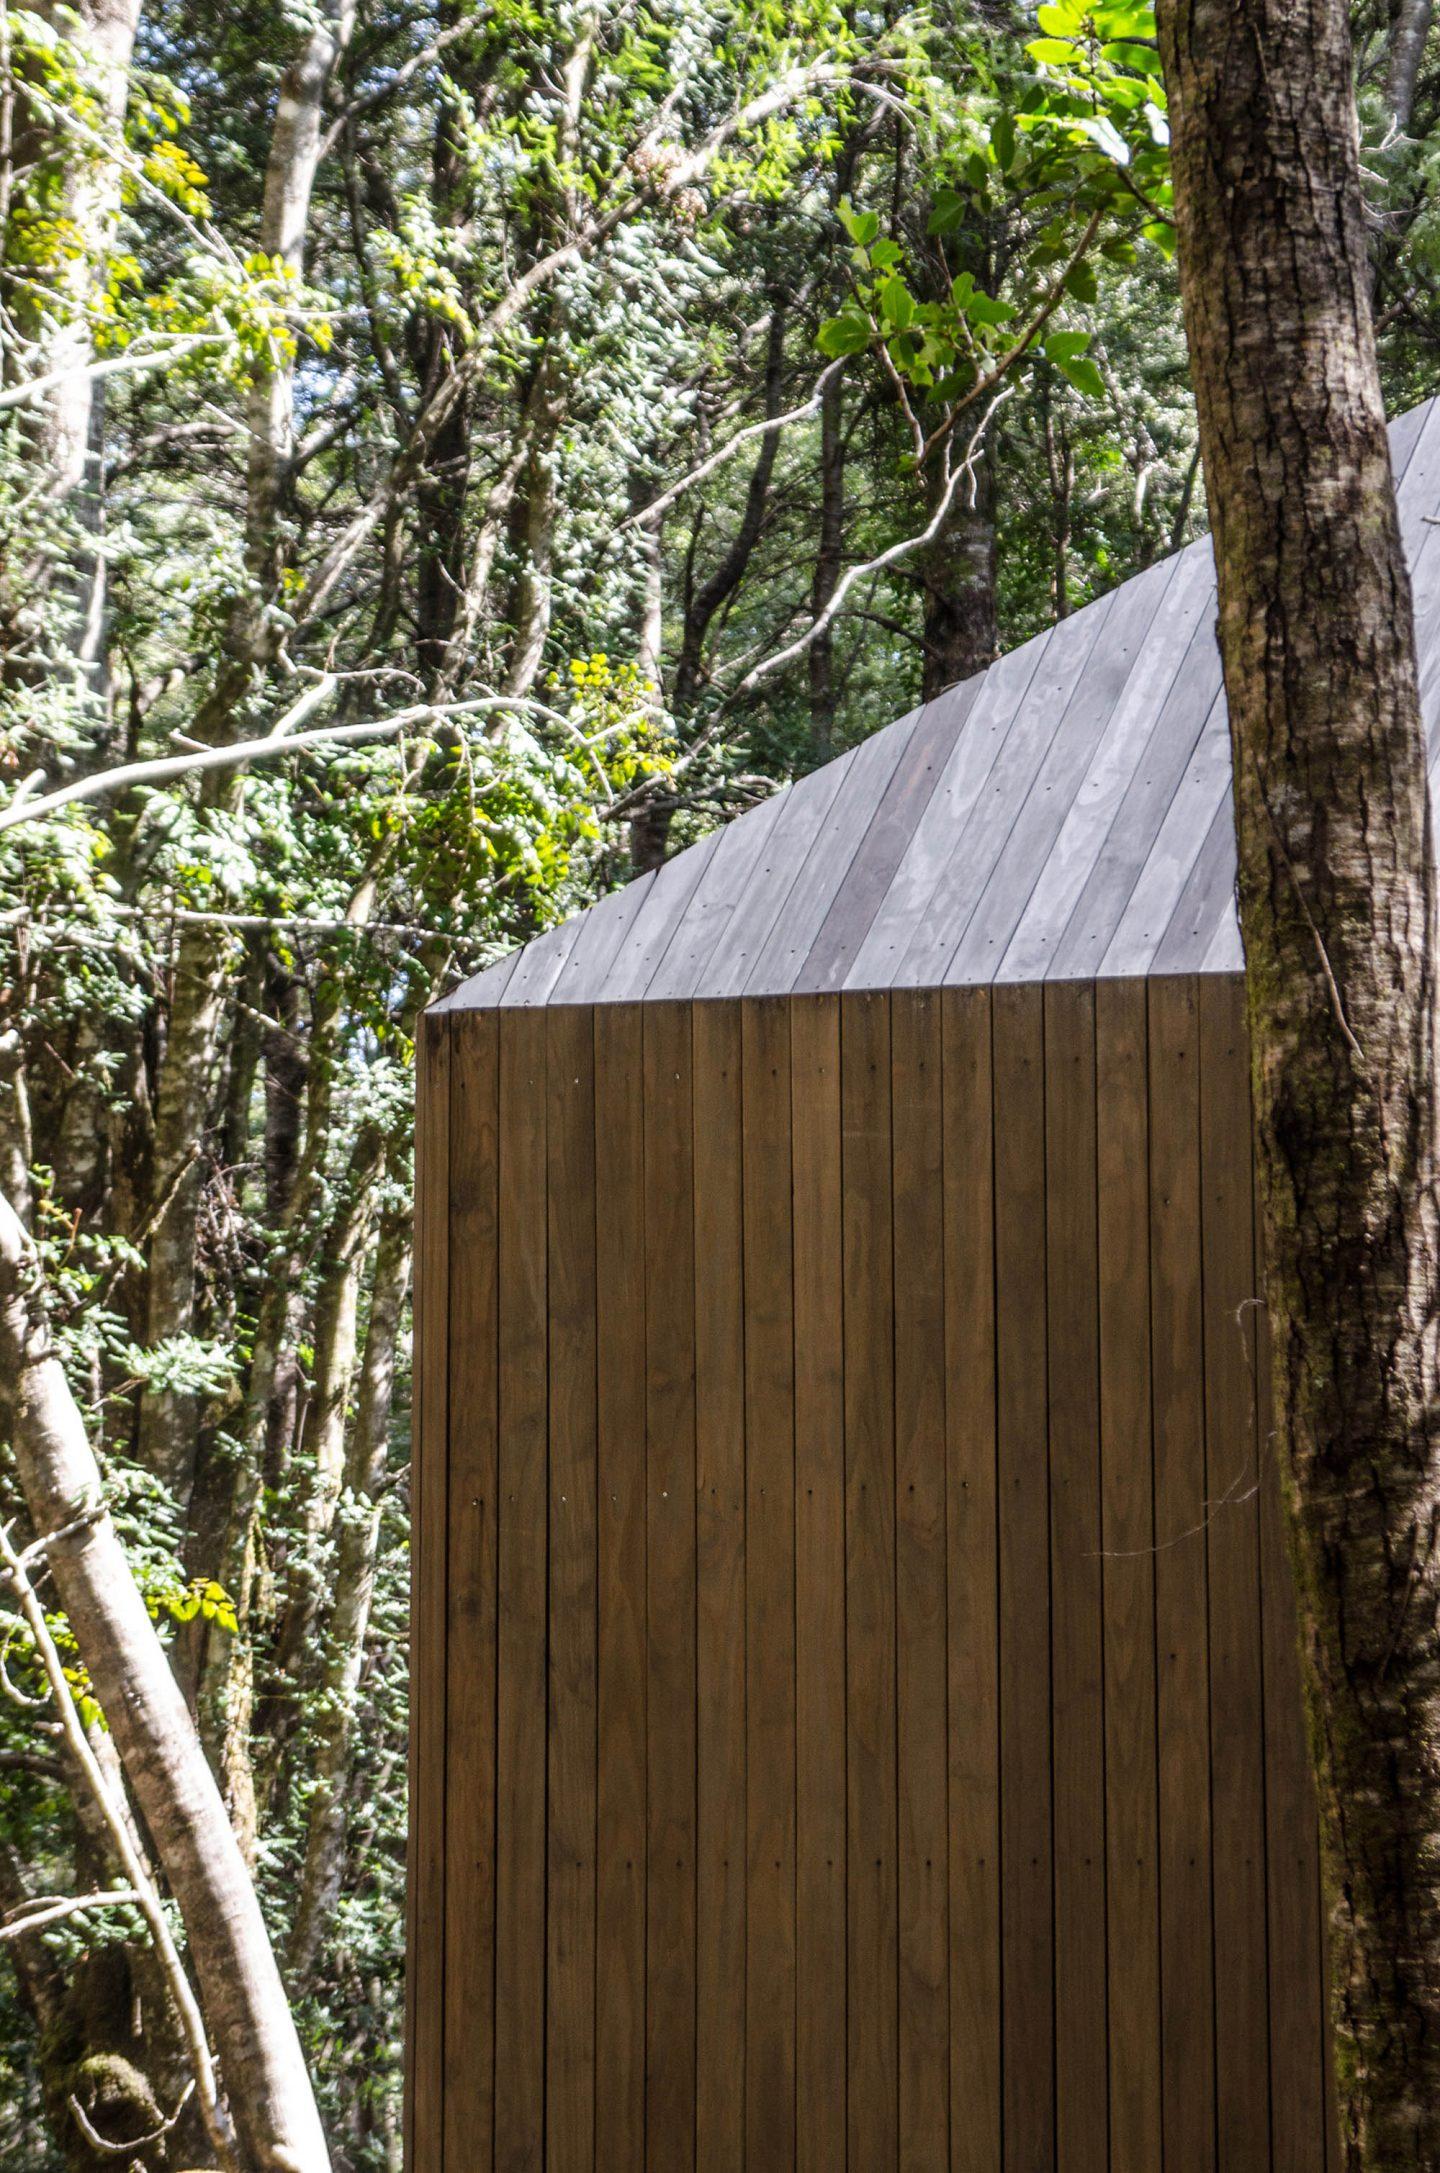 IGNANT-Architecture-SAAArquitecturaoTerritorio-RefugioImpluvio-11